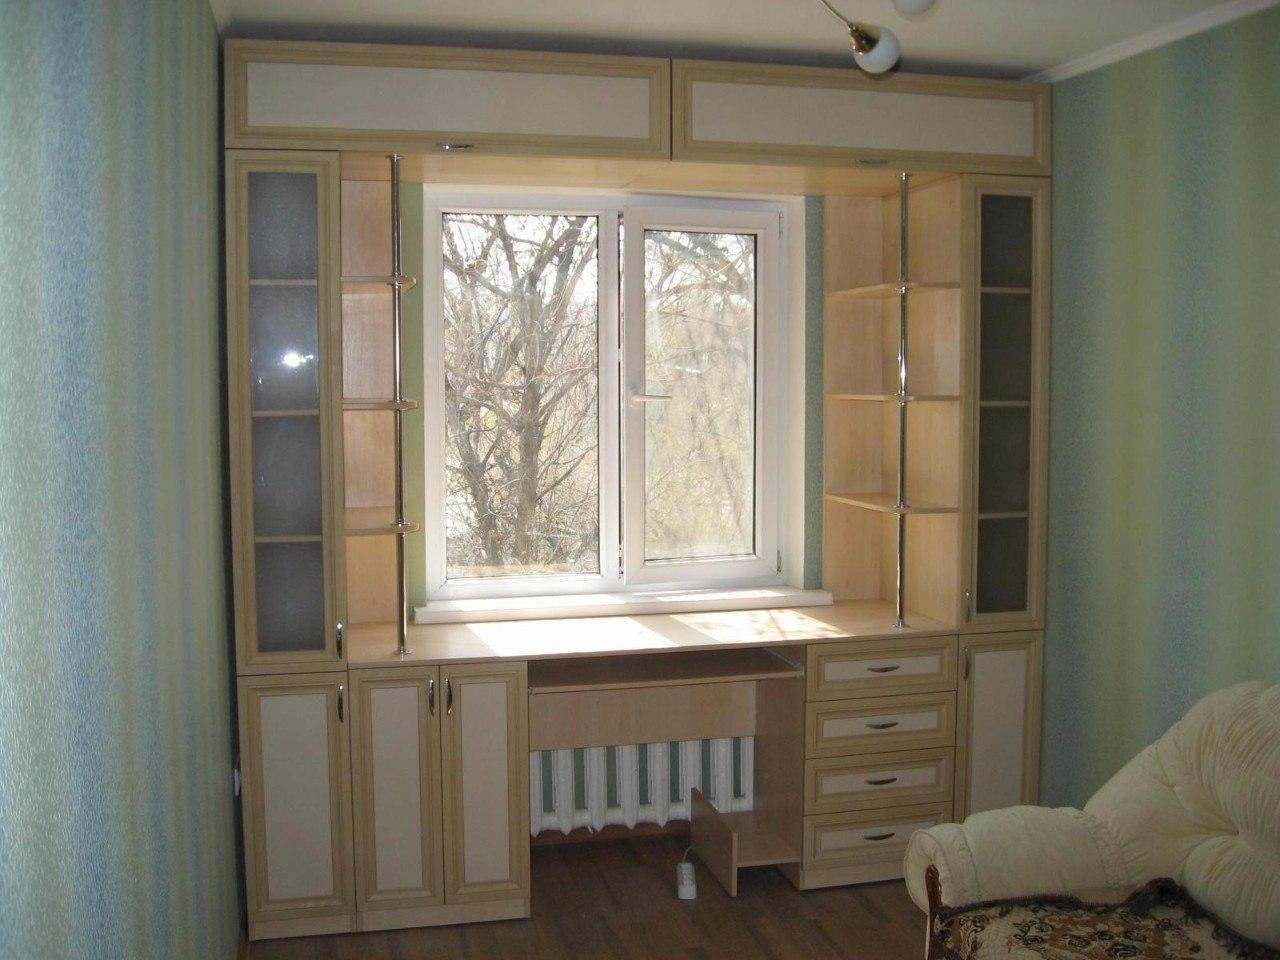 Изготовление встрооенной мебели, прихожие, спальни, кухни, ш.